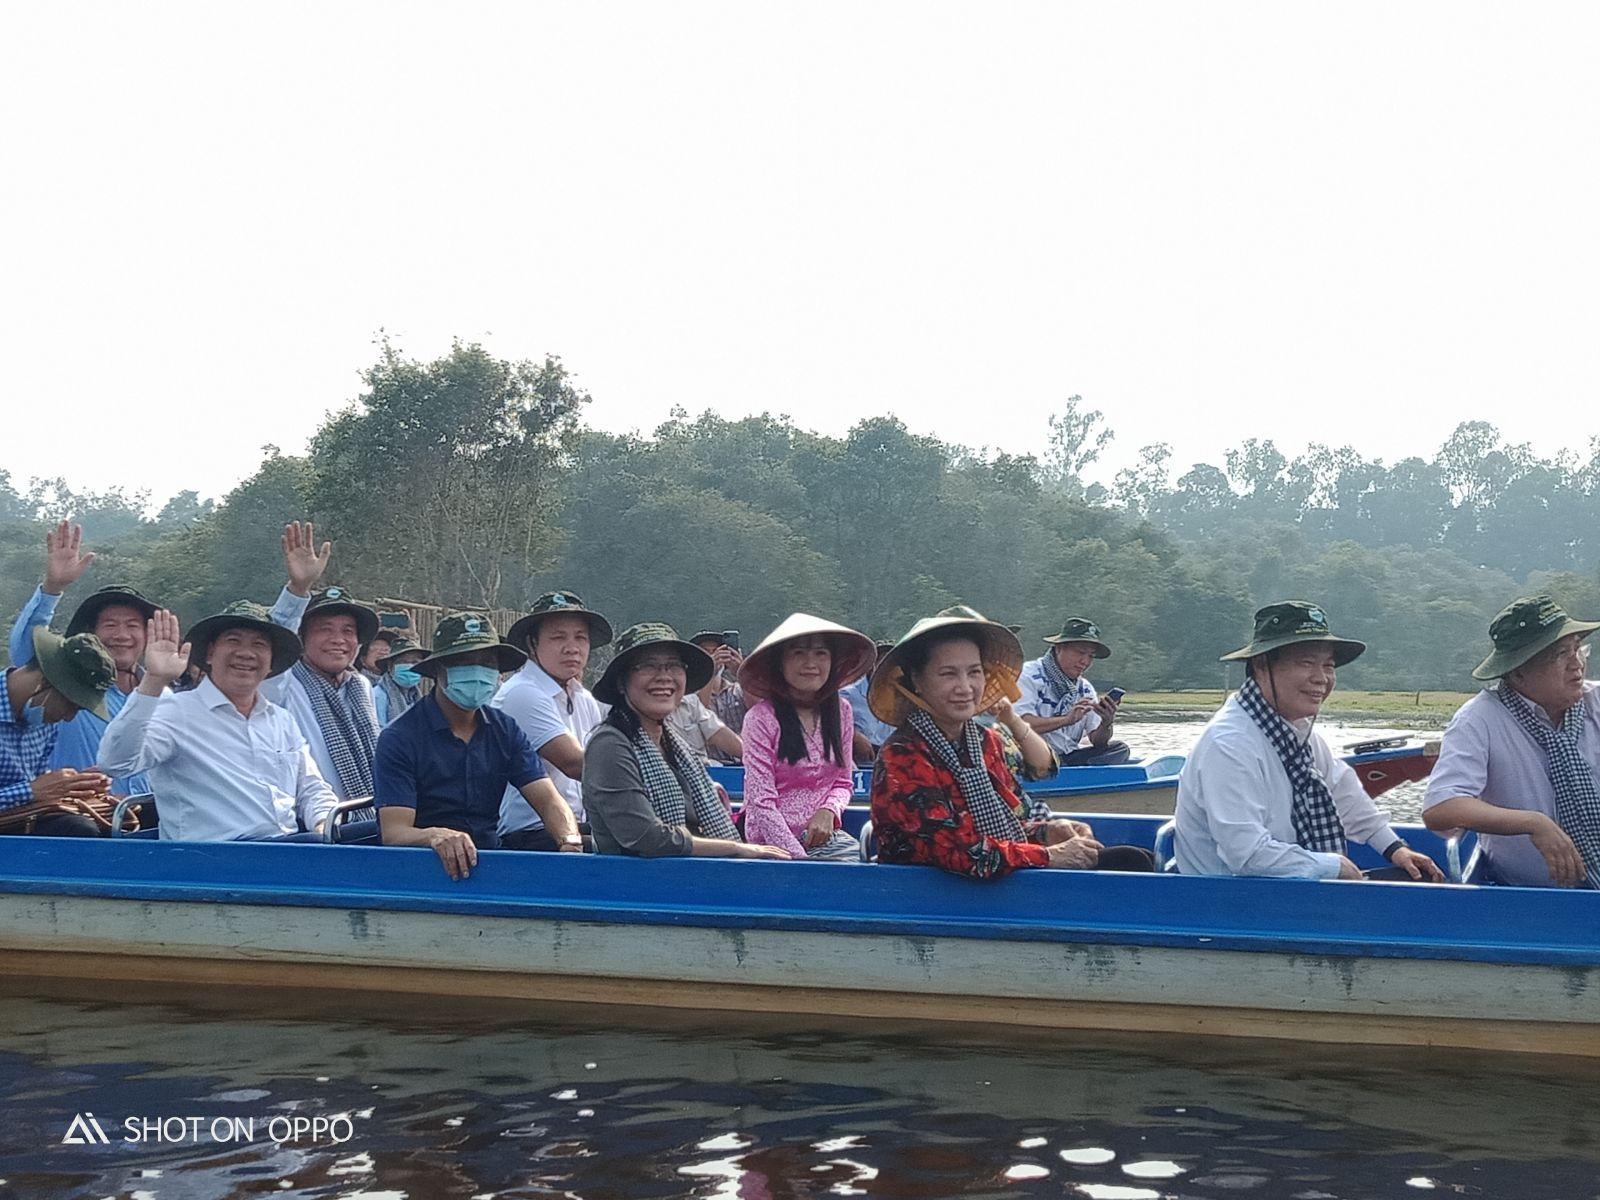 Sau khi tham quan, Chủ tịch Quốc hội đề nghị tỉnh tiếp tục hỗ trợ doanh nghiệp mở rộng, đa dạng hóa các sản phẩm du lịch, góp phần phát triển du lịch cho tỉnh An Giang và ĐBSCL